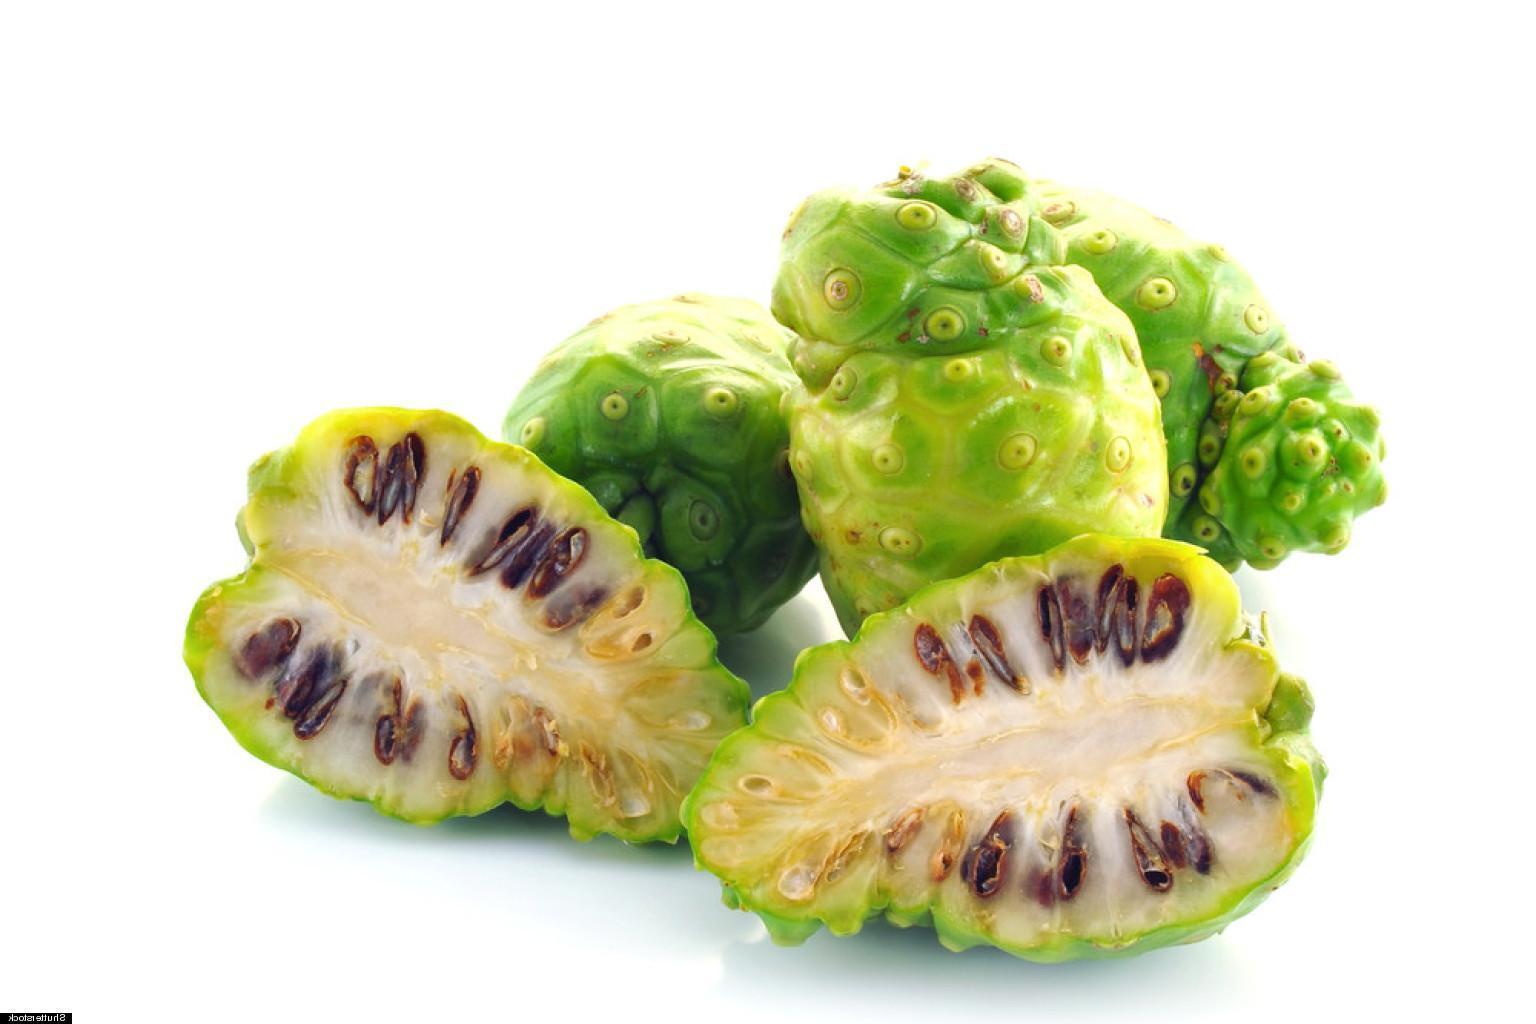 Contraindicações da Fruta Noni